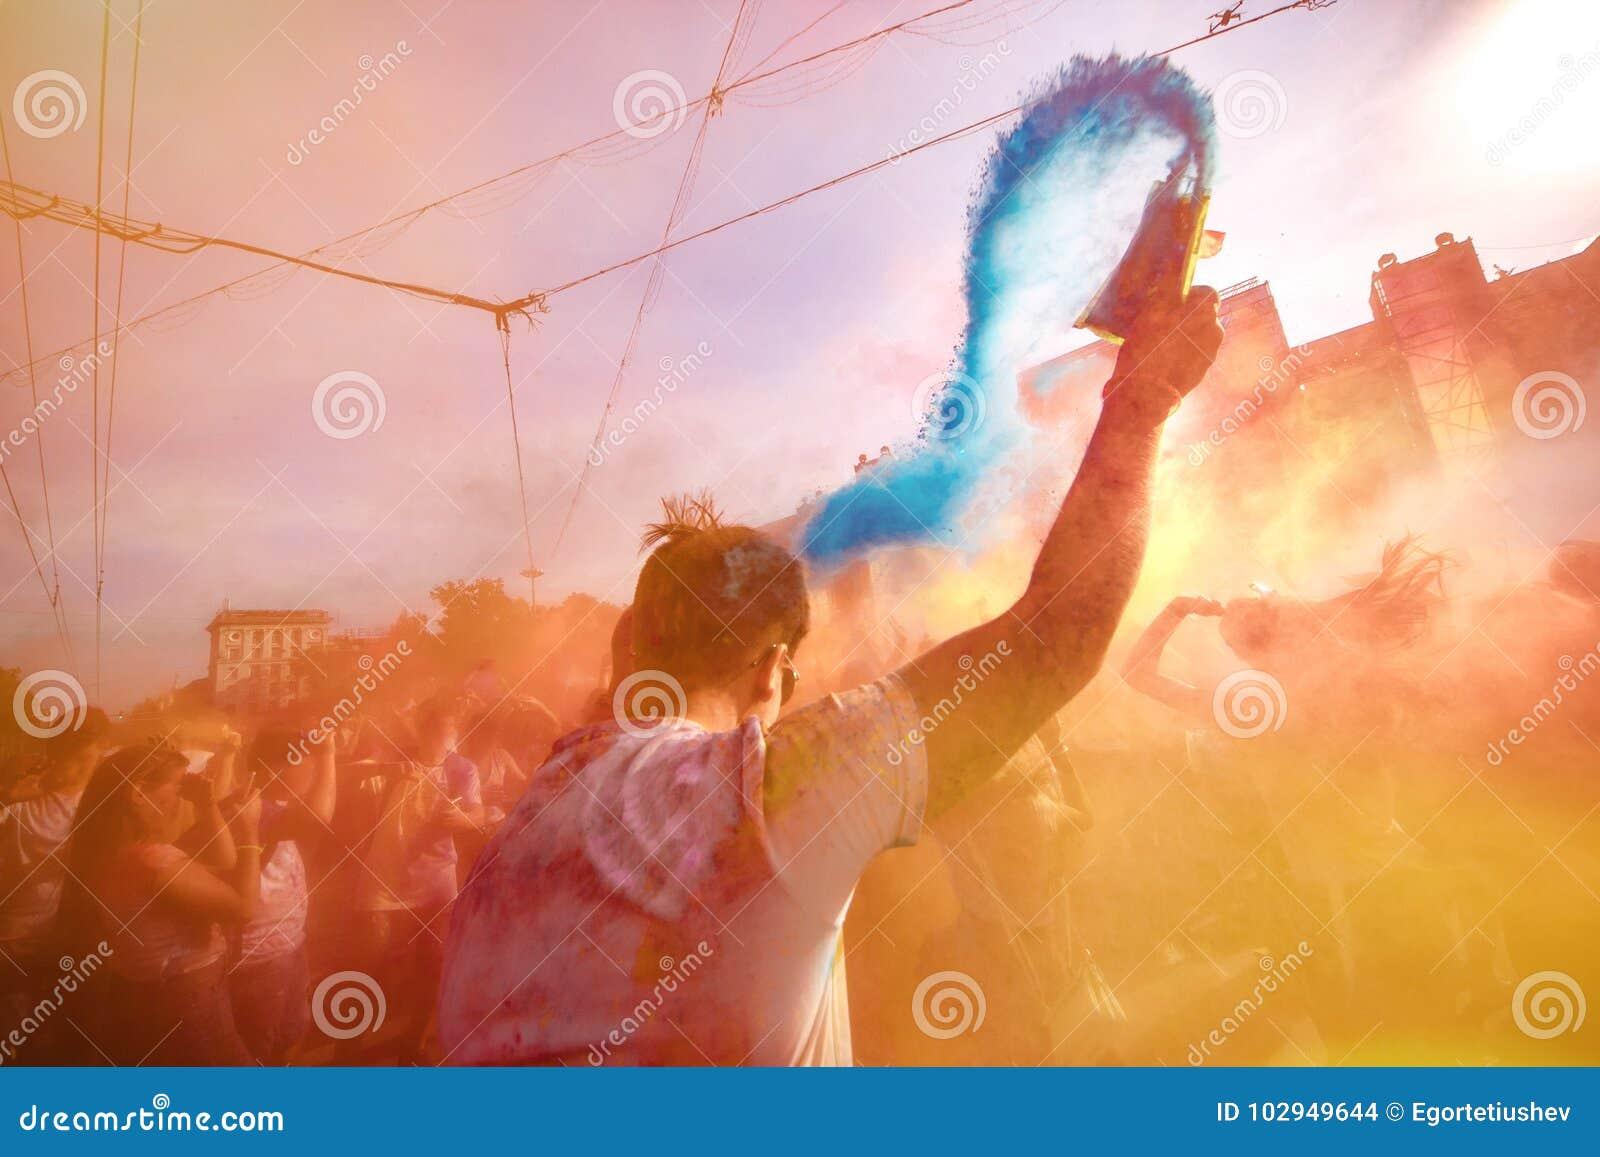 Φεστιβάλ χρώματος της Μολδαβίας Chisinau Δαρβίνος εορτασμού Holi στις 9 Σεπτεμβρίου 2017